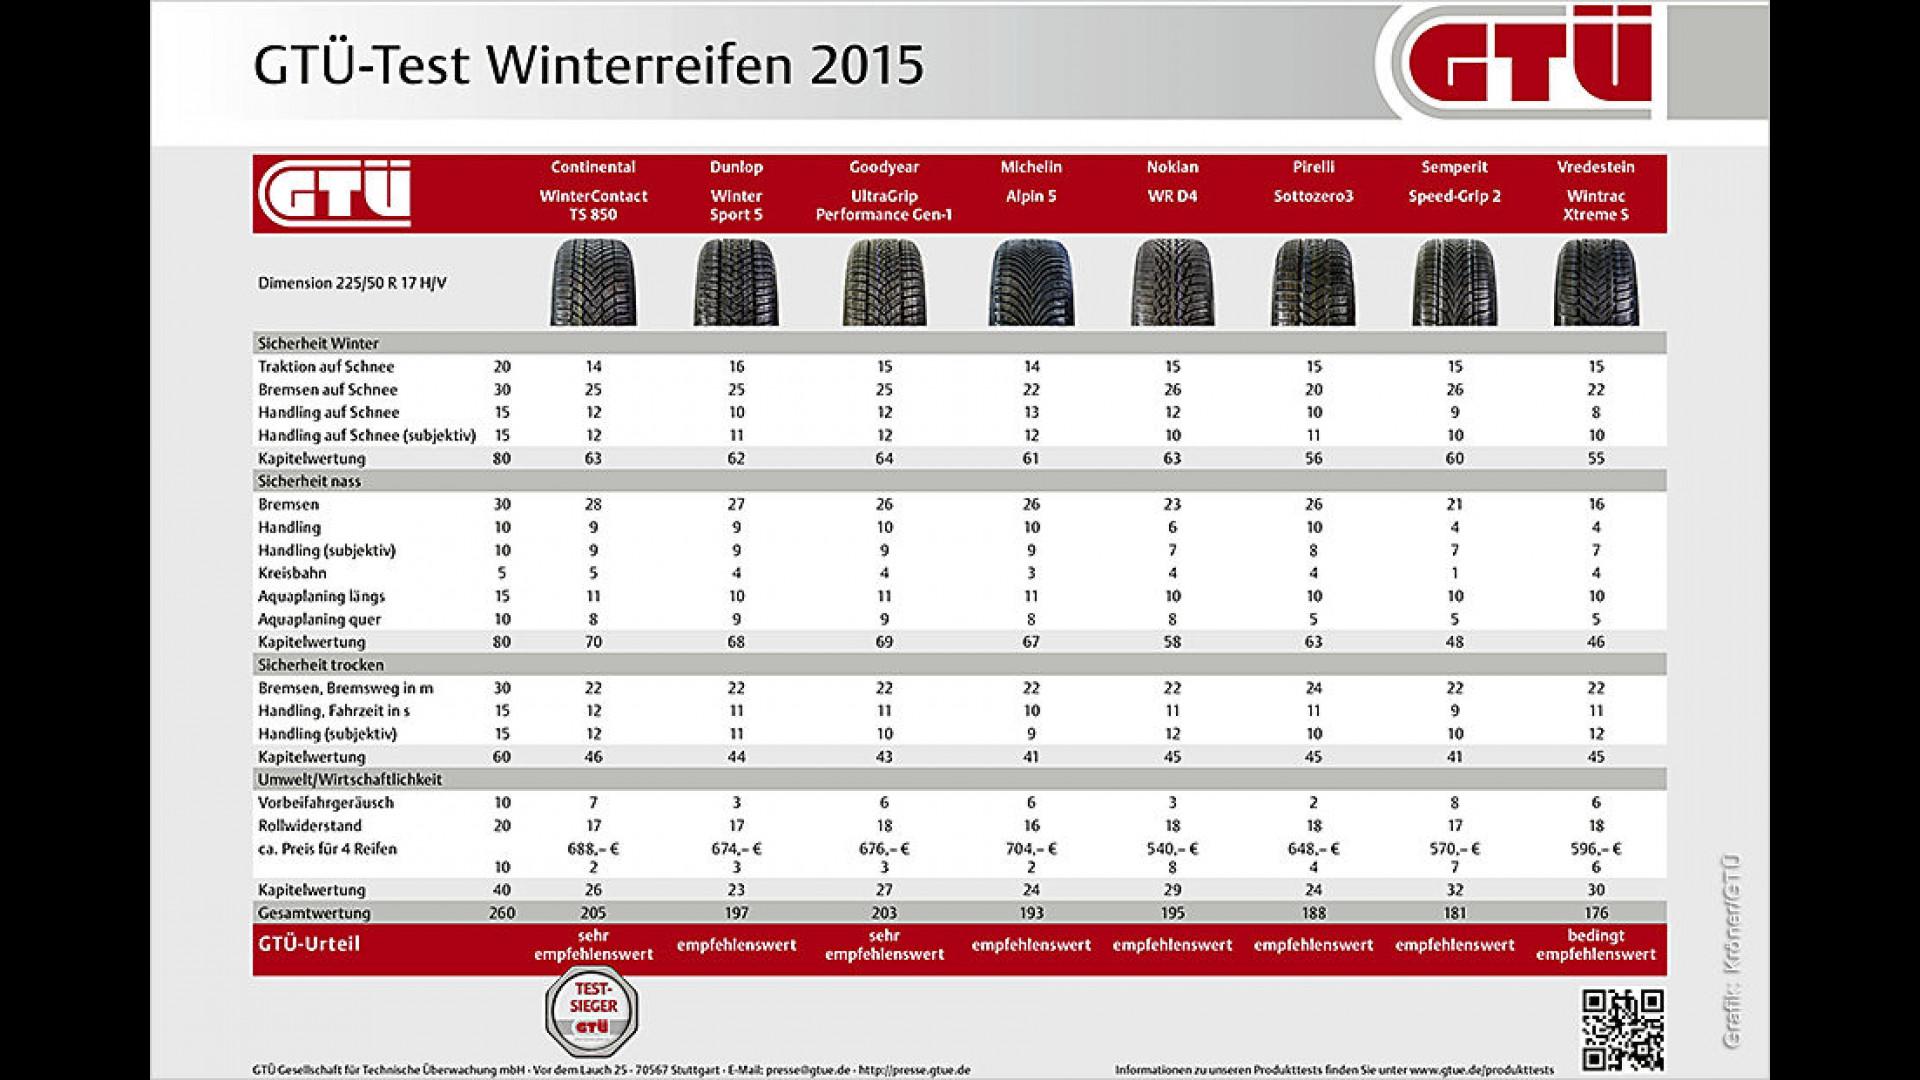 Gtü Winterreifentest 2015 Pneus Der Größe 22550 R17